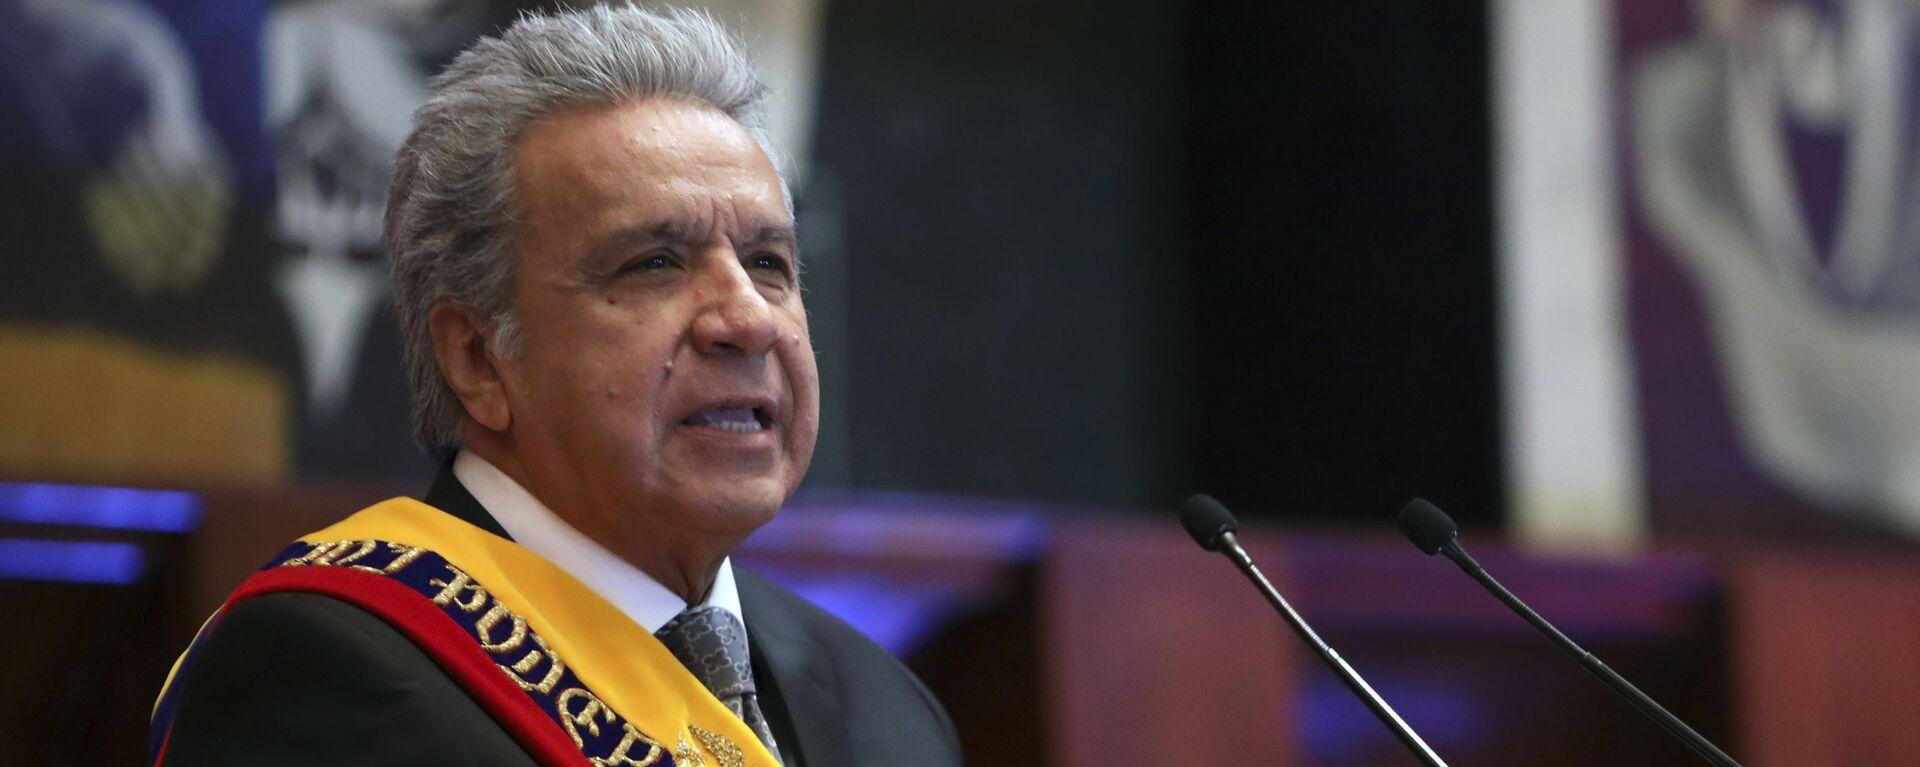 Lenín Moreno, presidente de Ecuador - Sputnik Mundo, 1920, 11.02.2021